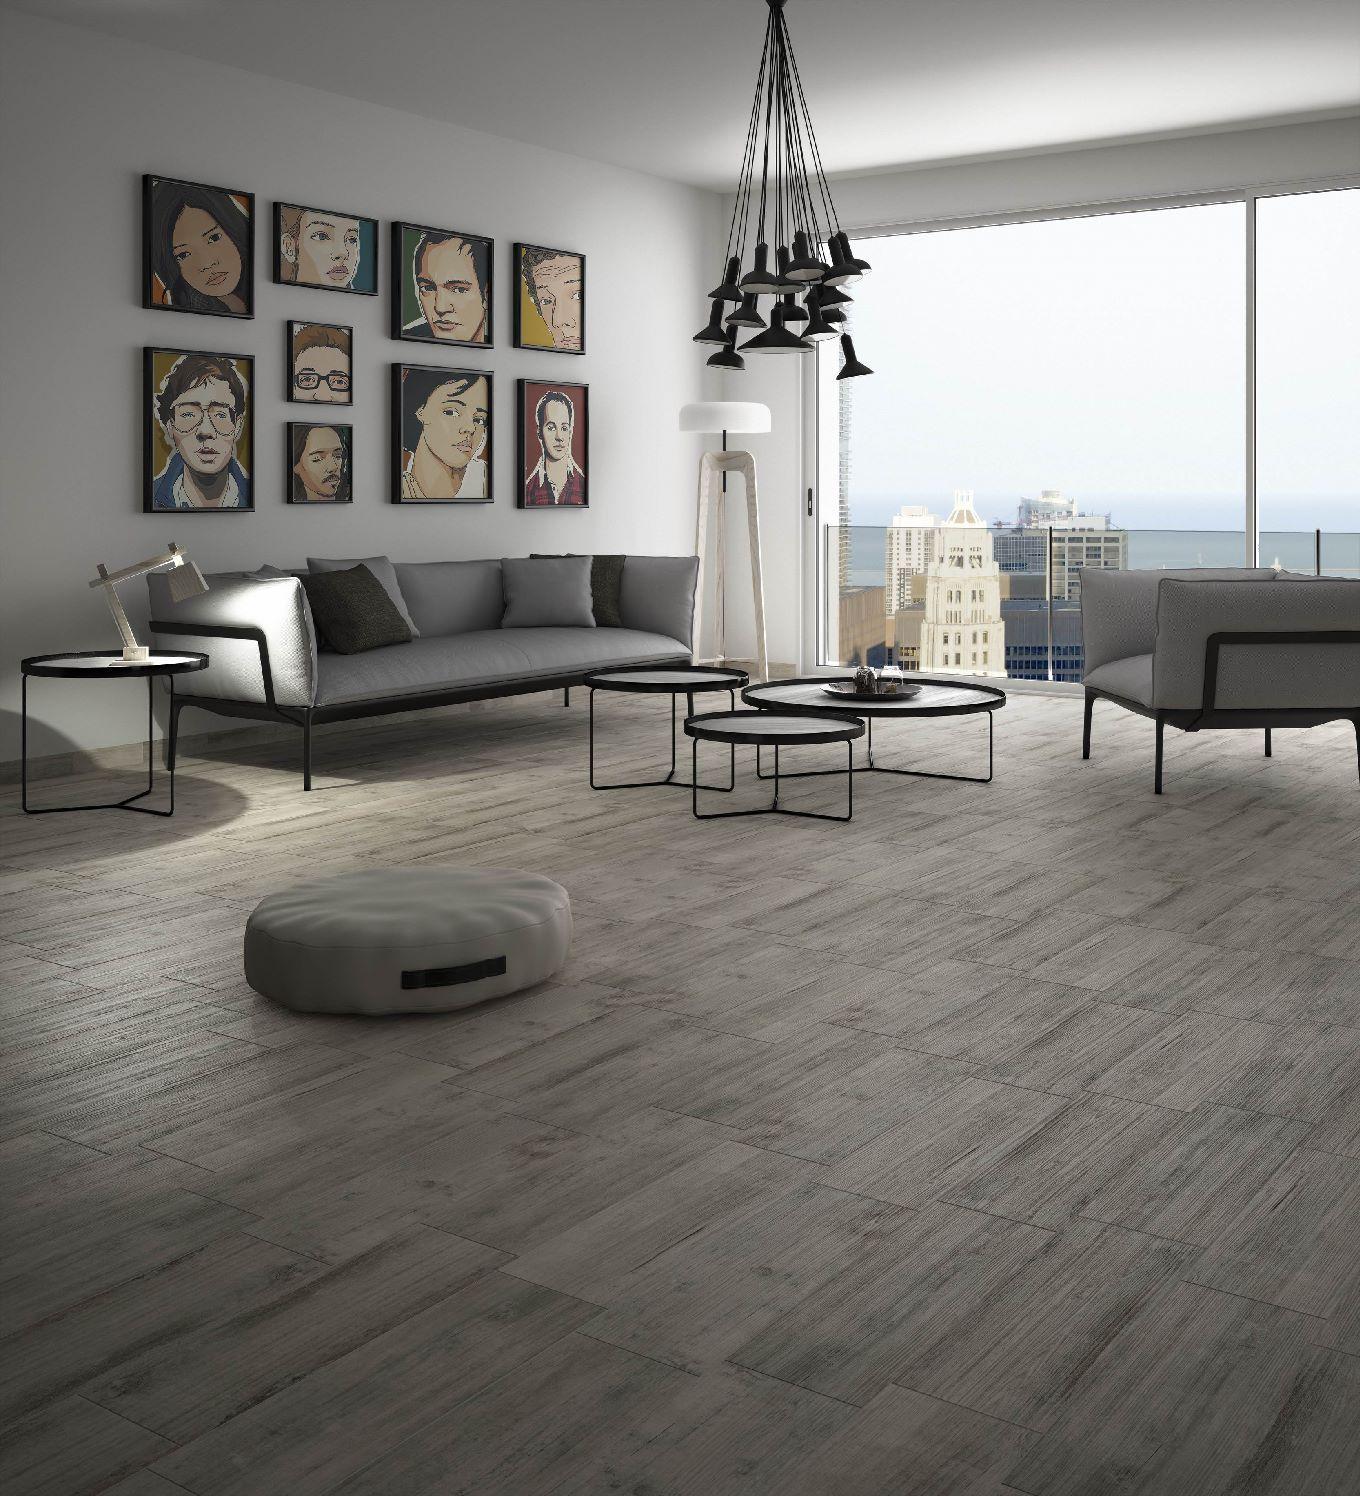 mon carrelage salon salle manger cuisine entr e saloni bermeo gris d co et cie pinterest. Black Bedroom Furniture Sets. Home Design Ideas